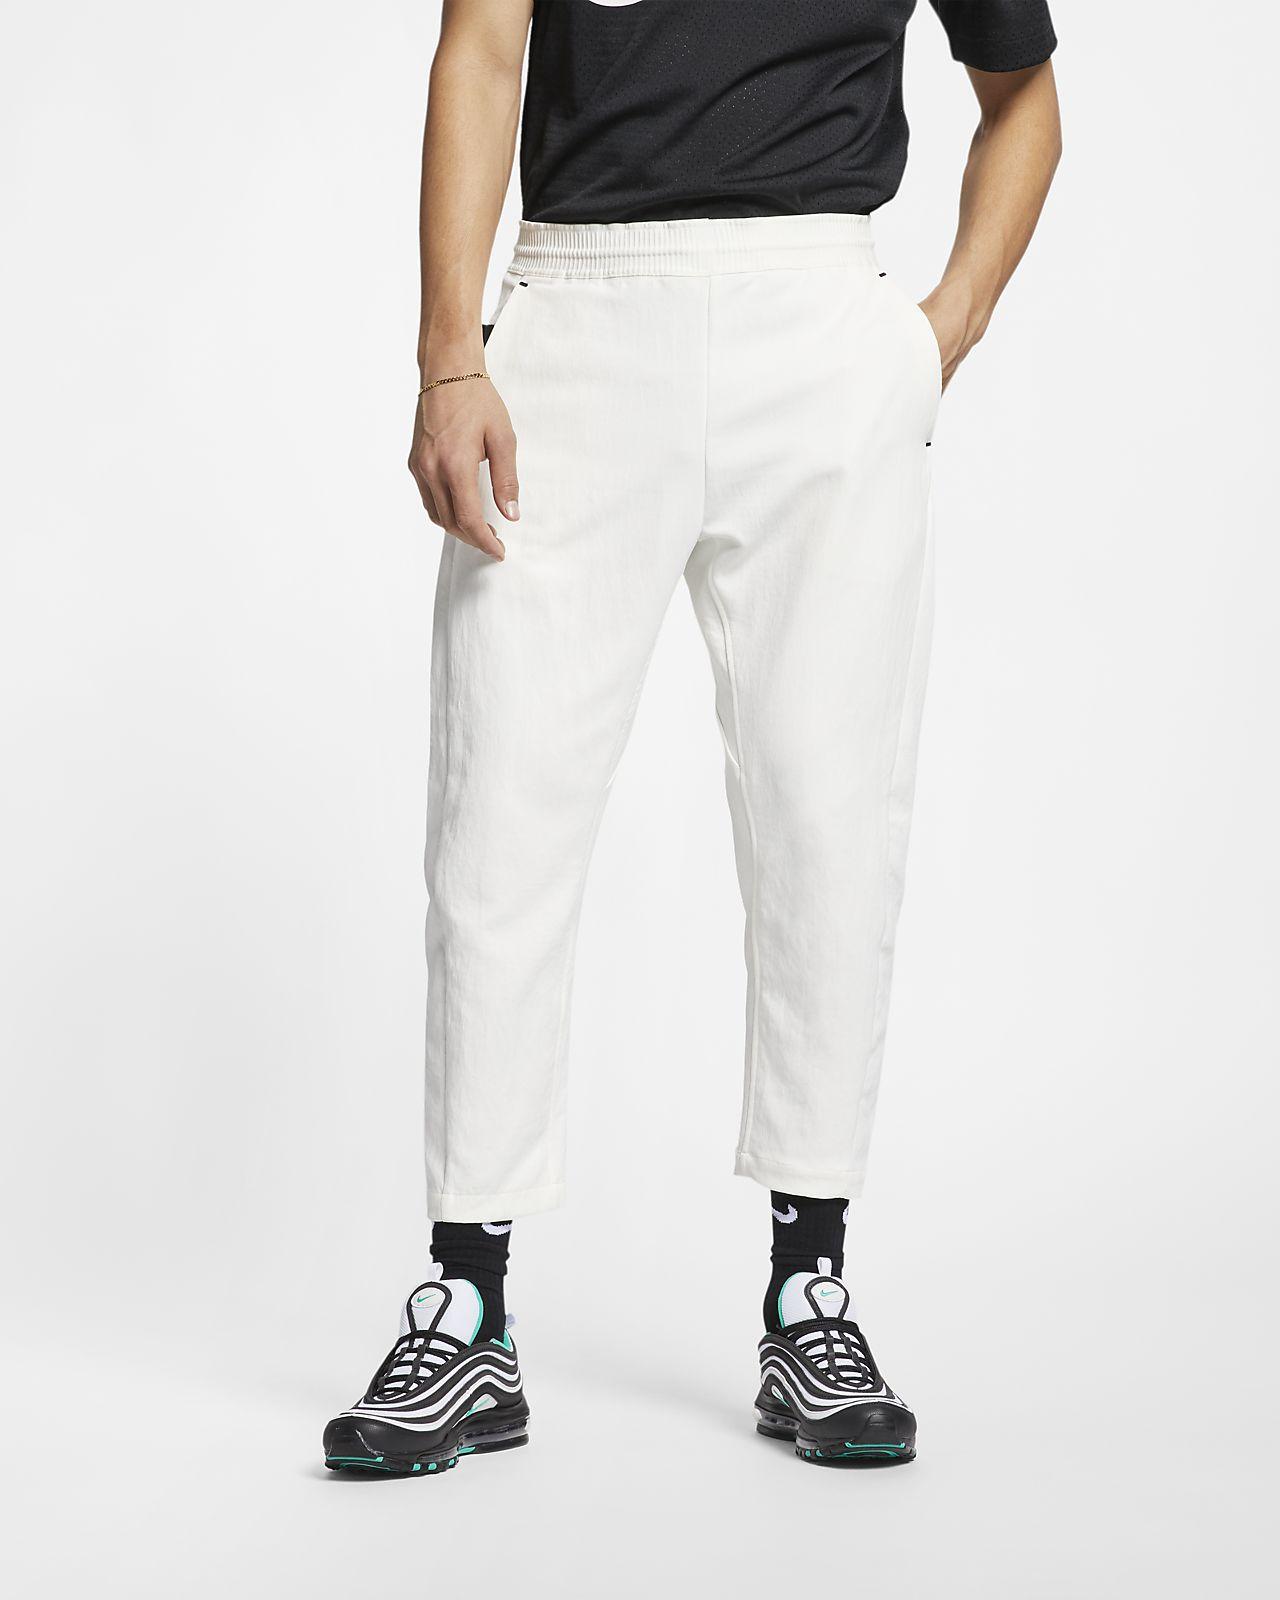 d14667f83567 Nike Sportswear Tech Pack Men s Cropped Woven Pants. Nike.com